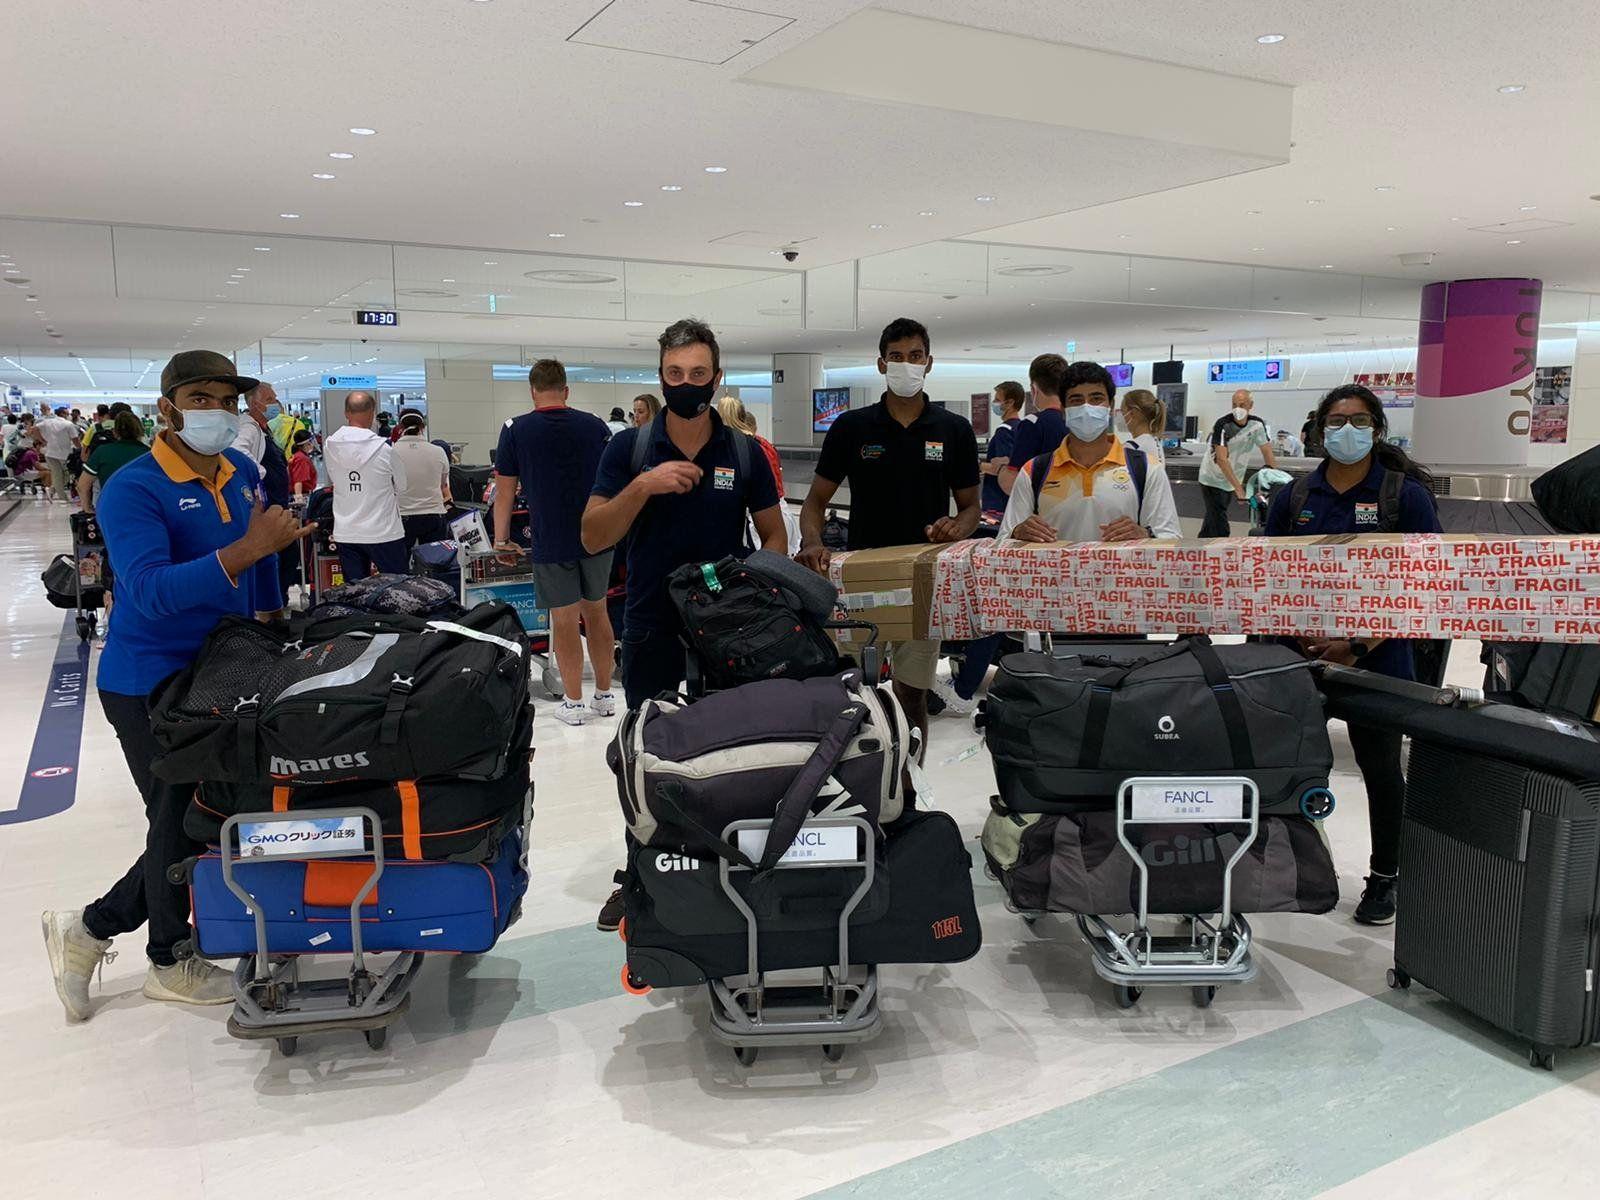 टोक्यो के हनेडा एयरपोर्ट पर भारतीय सेलिंट टीम के एथलीट्स।